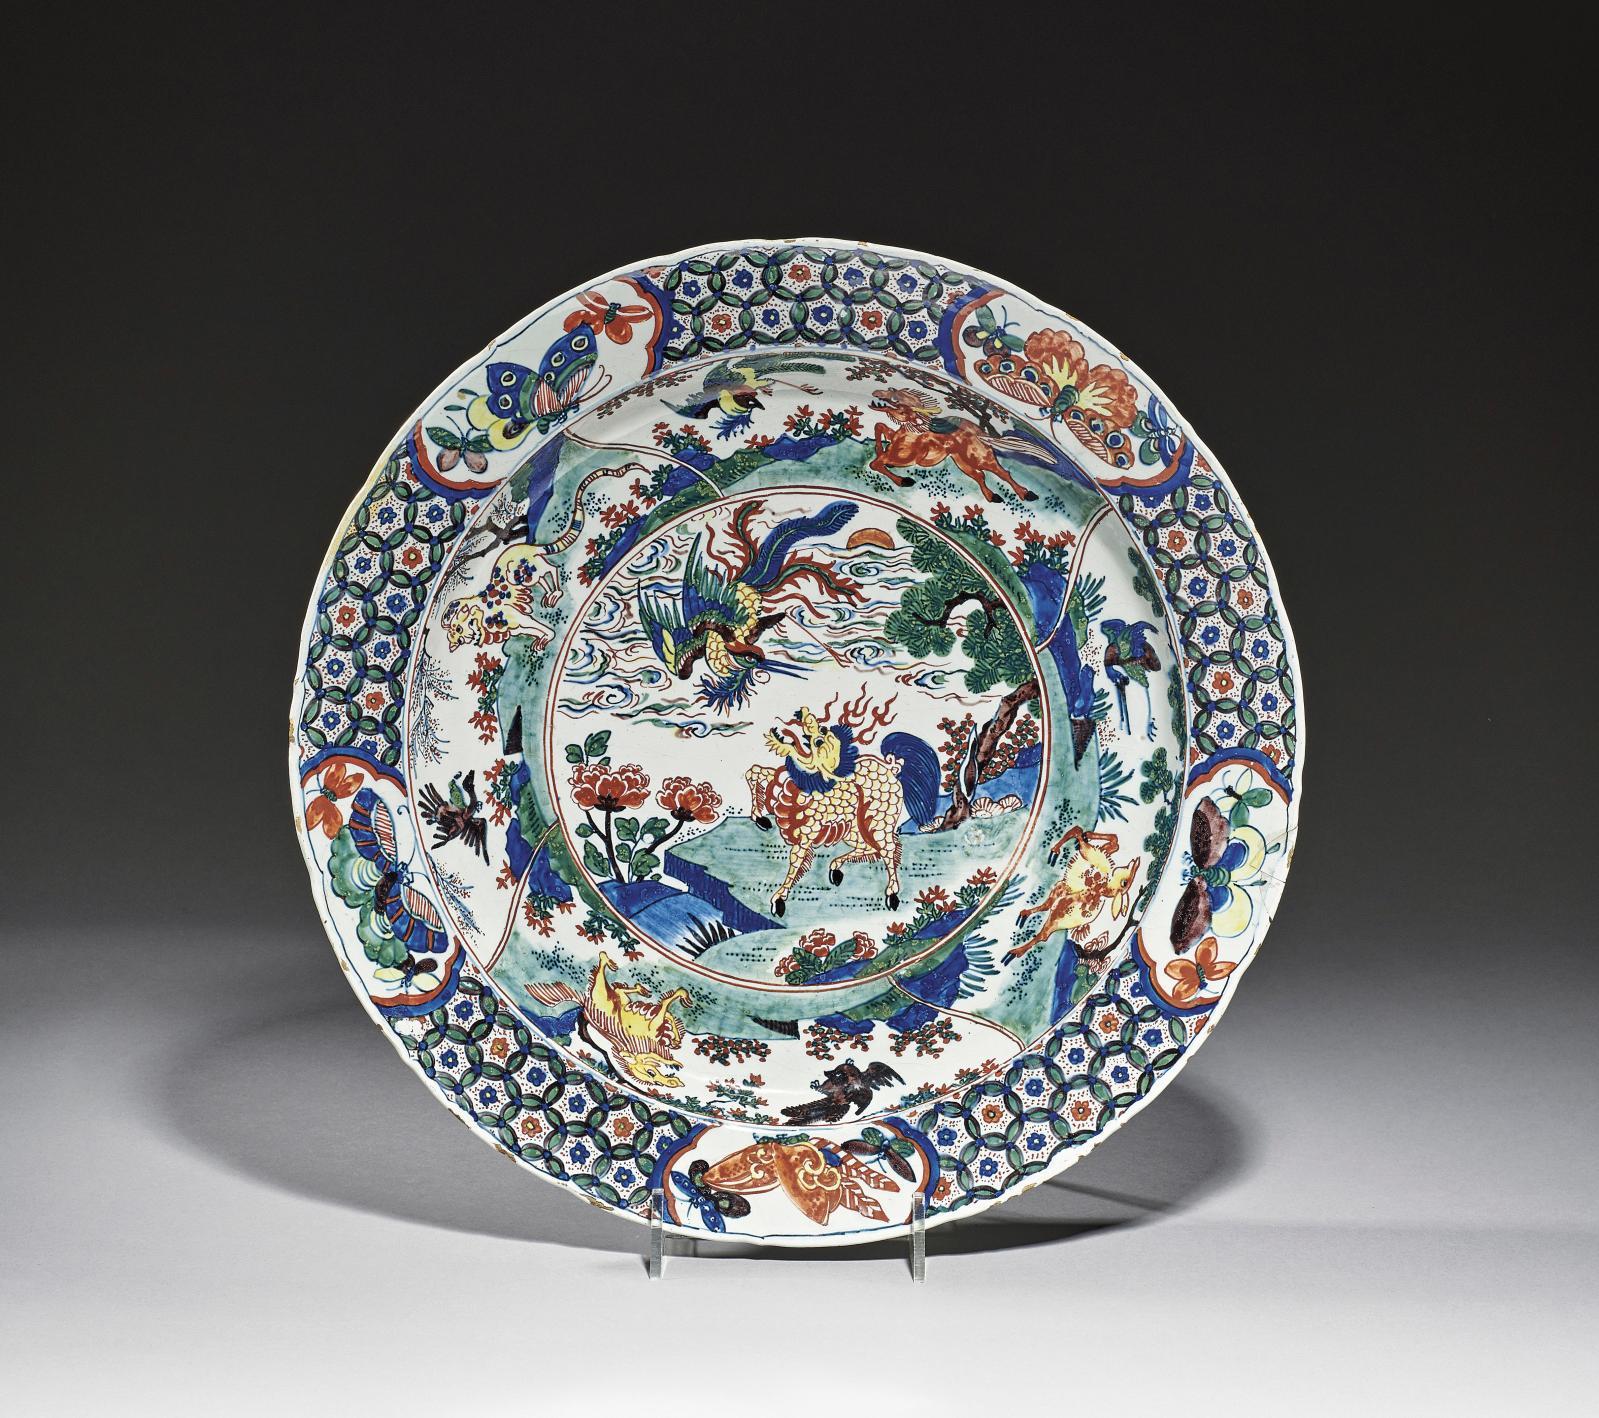 Delft, atelier de De Roos, vers 1720. Plat en faïence orné, dans le style des porcelaines de Chine de la famille verte de l'époque Kangxi, d'animaux f